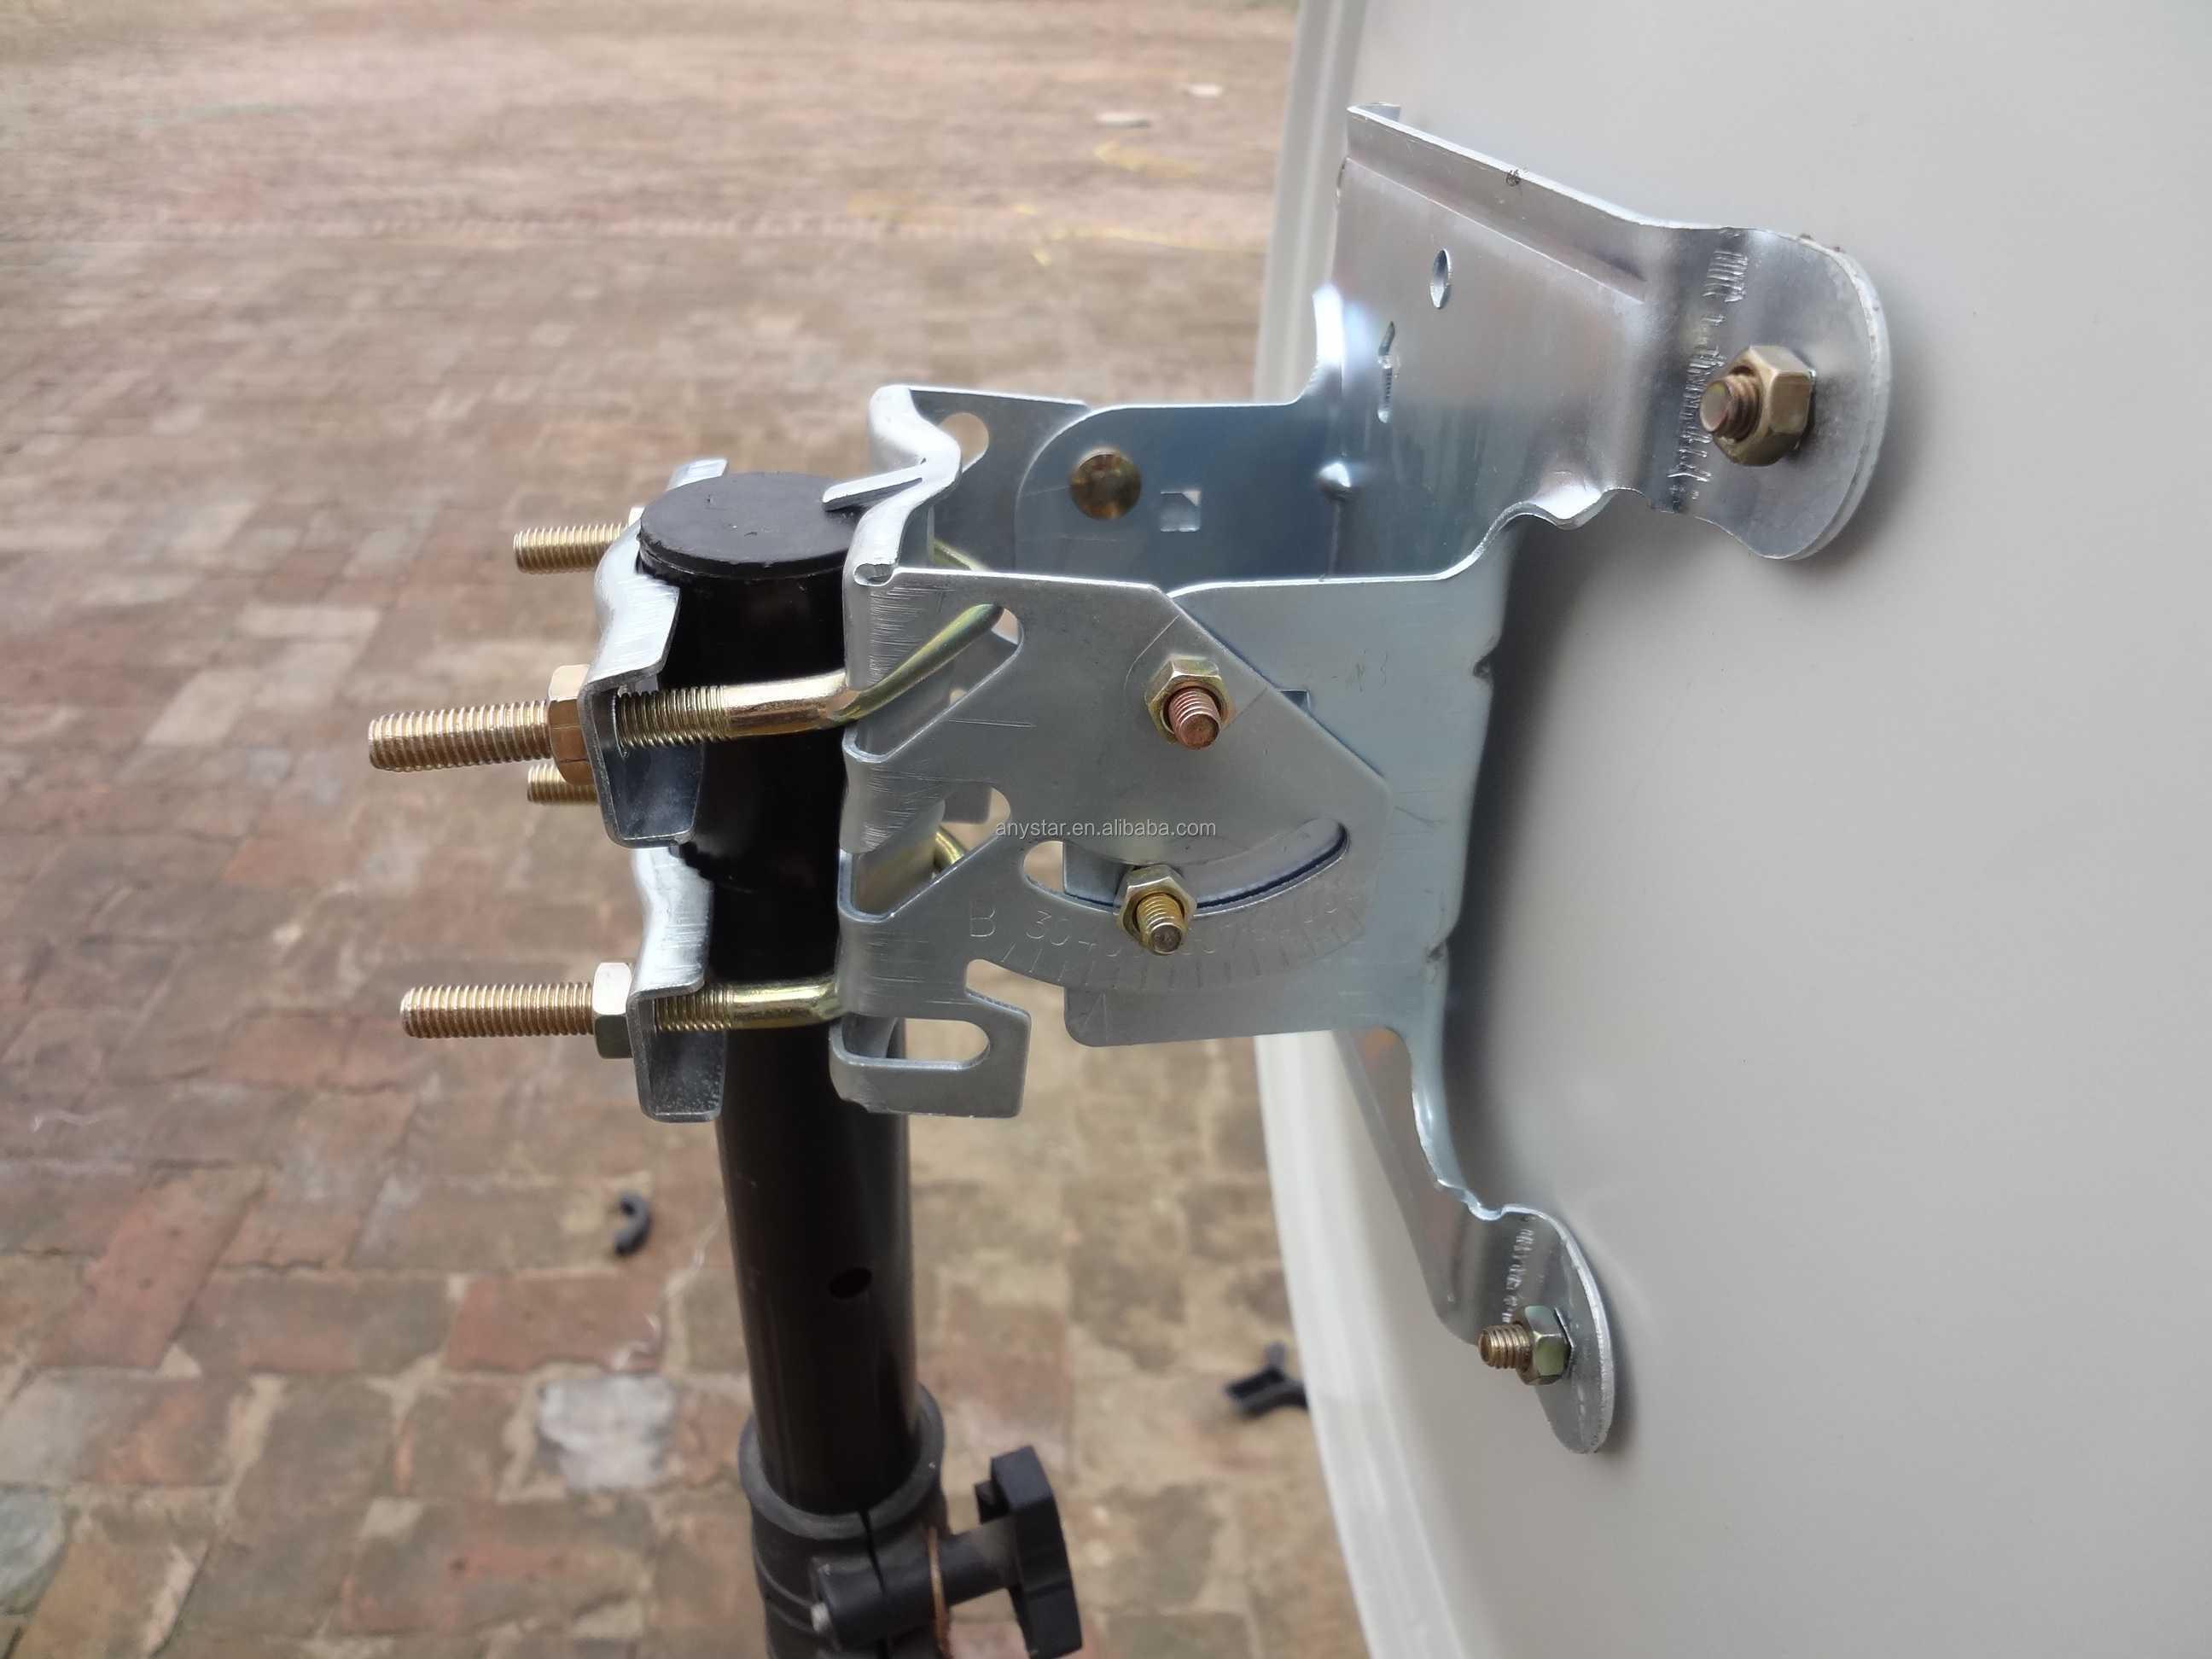 Ku Band Satellite Dish Mounting Bracket Buy Satellite